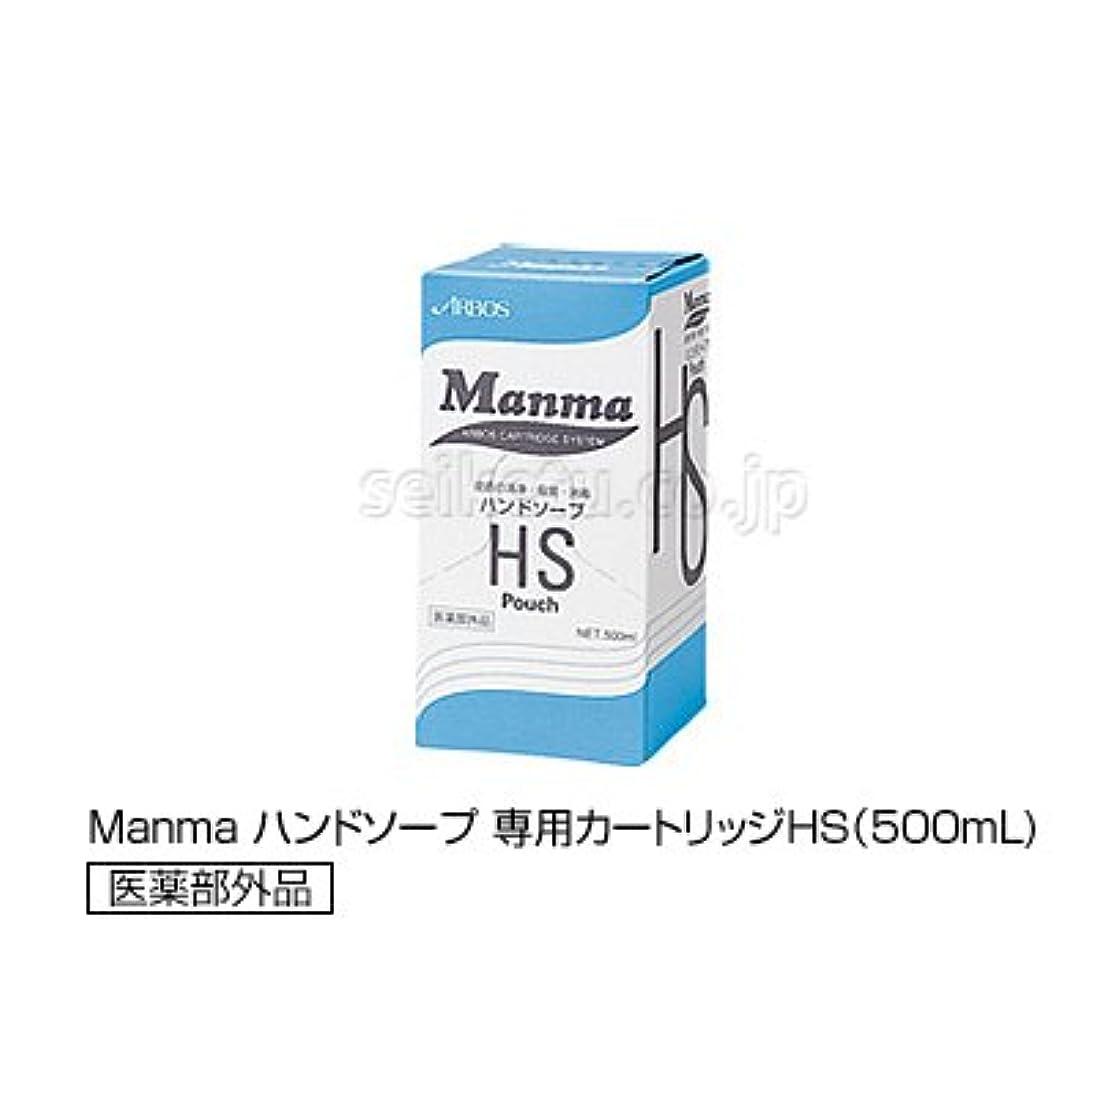 機密宣言するねじれManma ハンドソープ 専用カートリッジ/専用カートリッジHS(500mL)【清潔キレイ館】